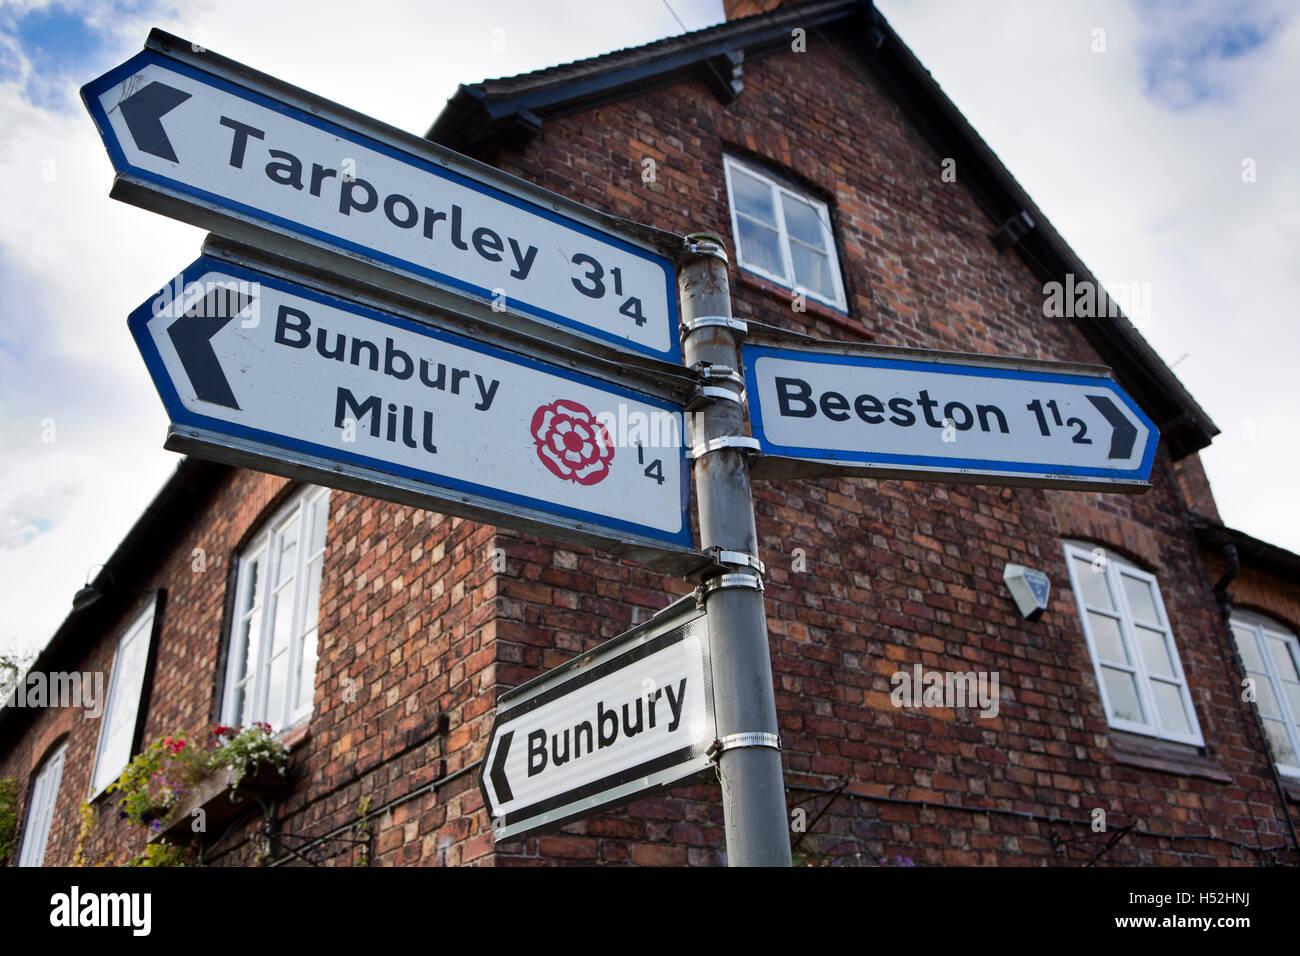 UK, England, Cheshire, Bunbury, Vicarage Lane, road